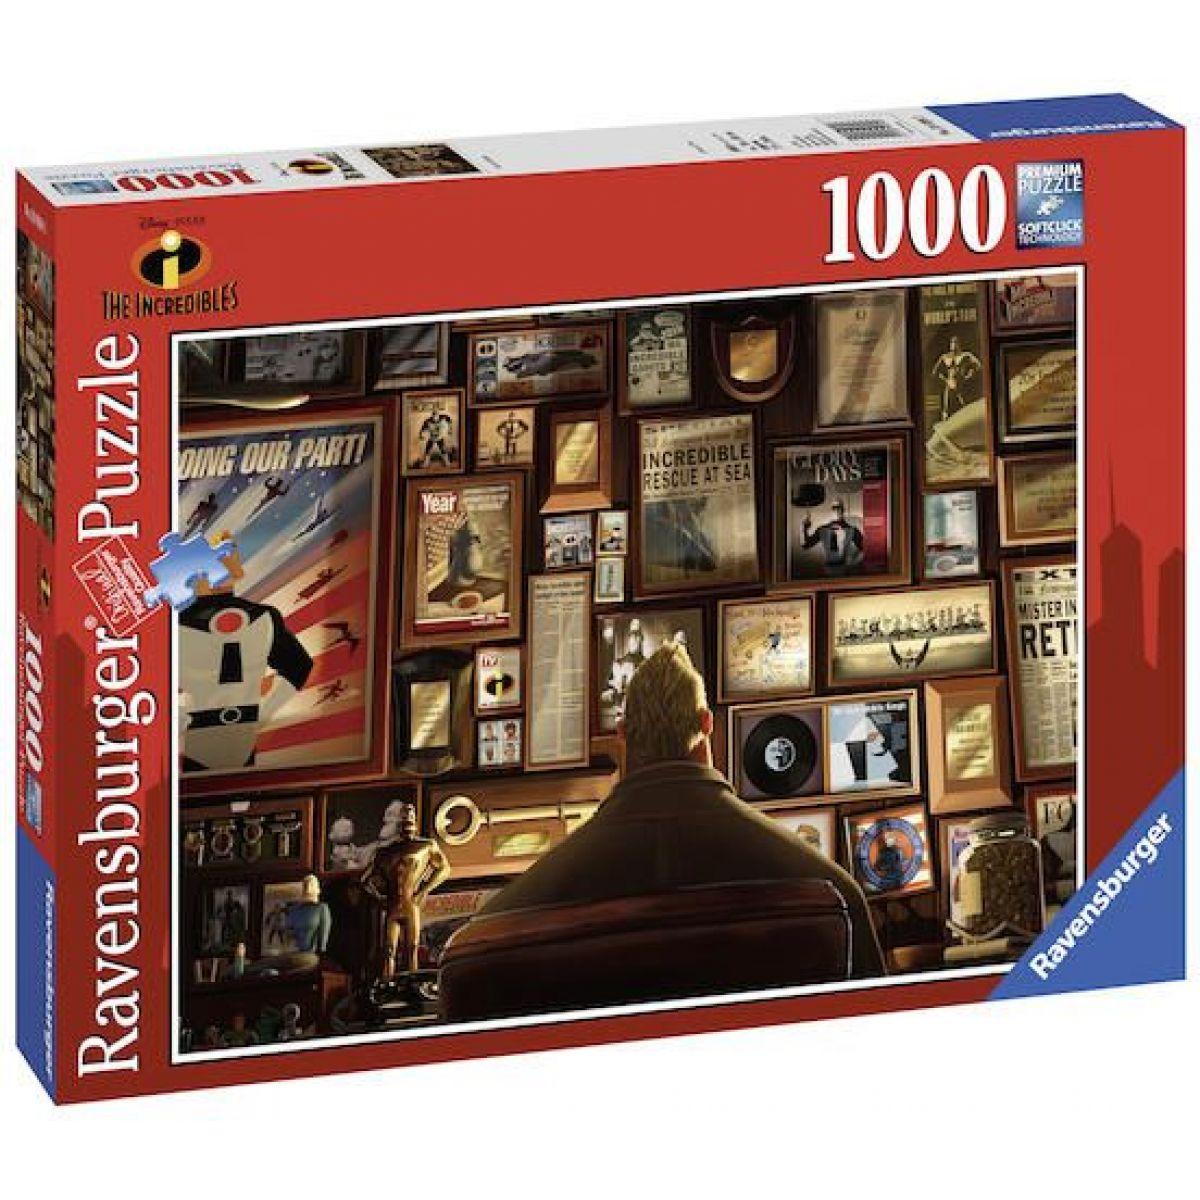 Ravensburger Úžasňákovi 2 1000 dielikov